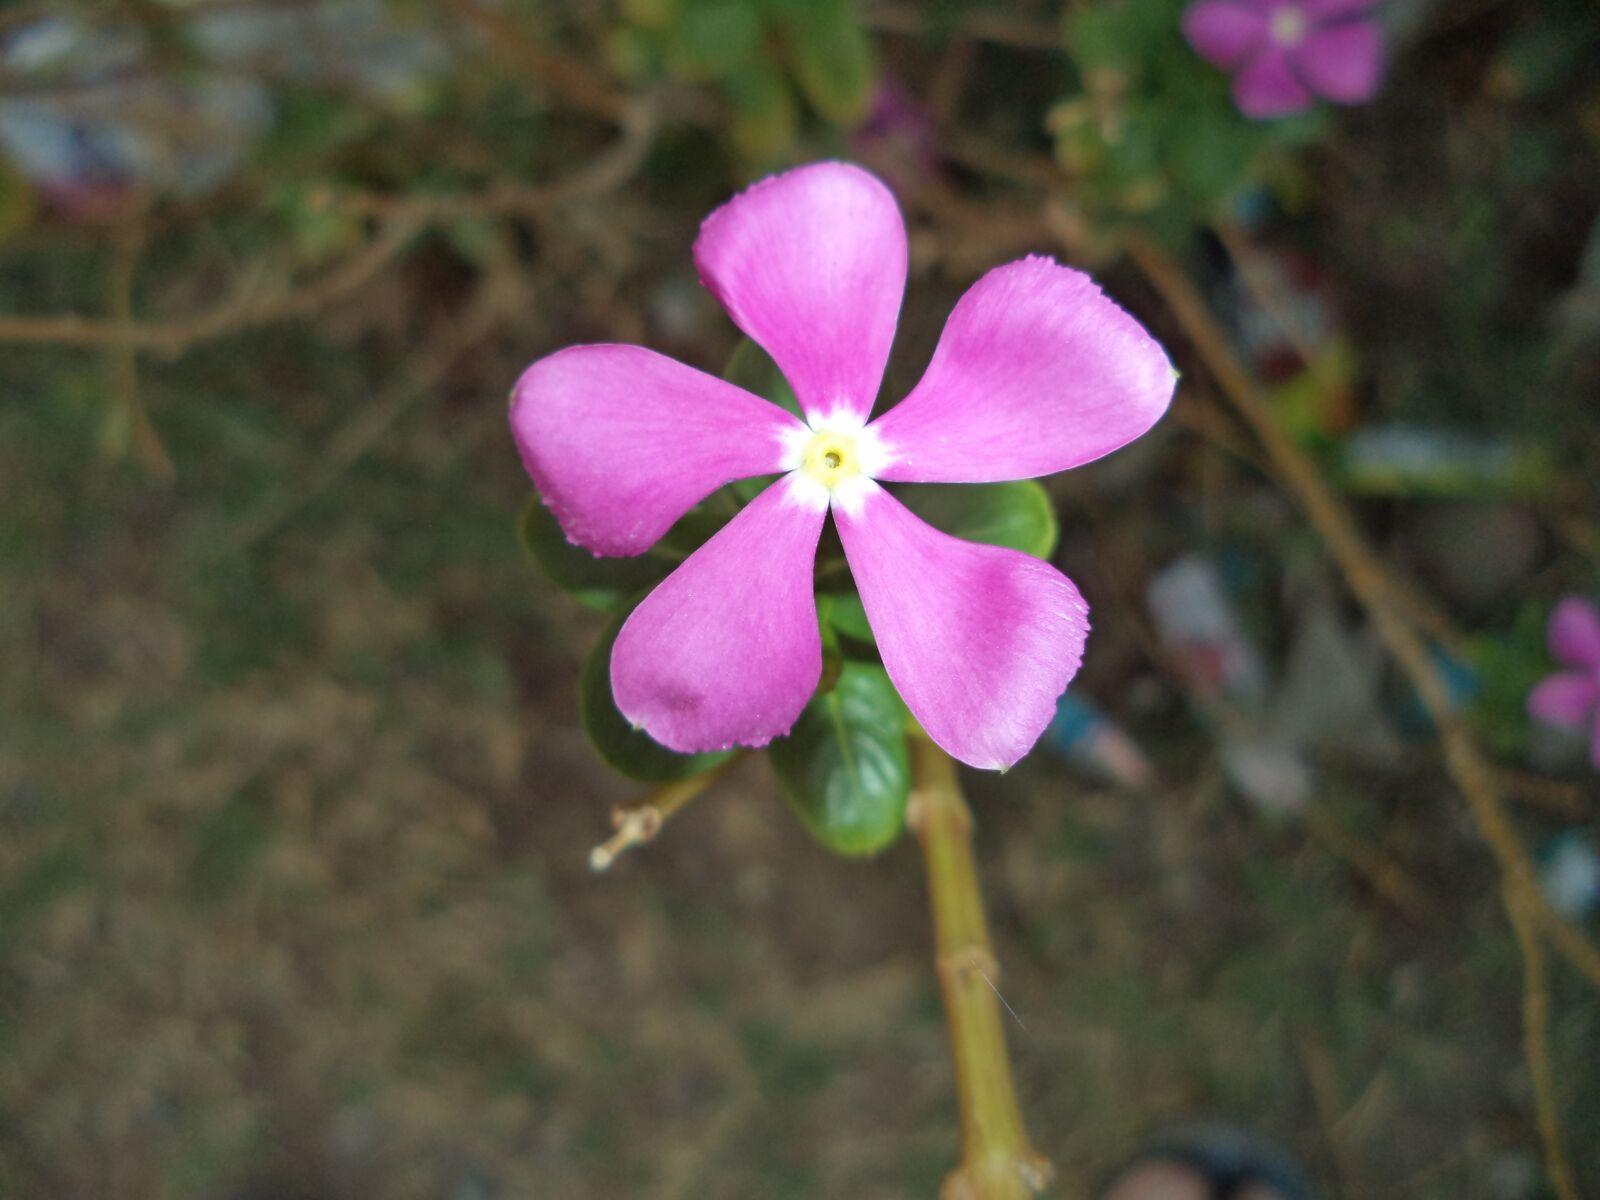 nature, plant, petals